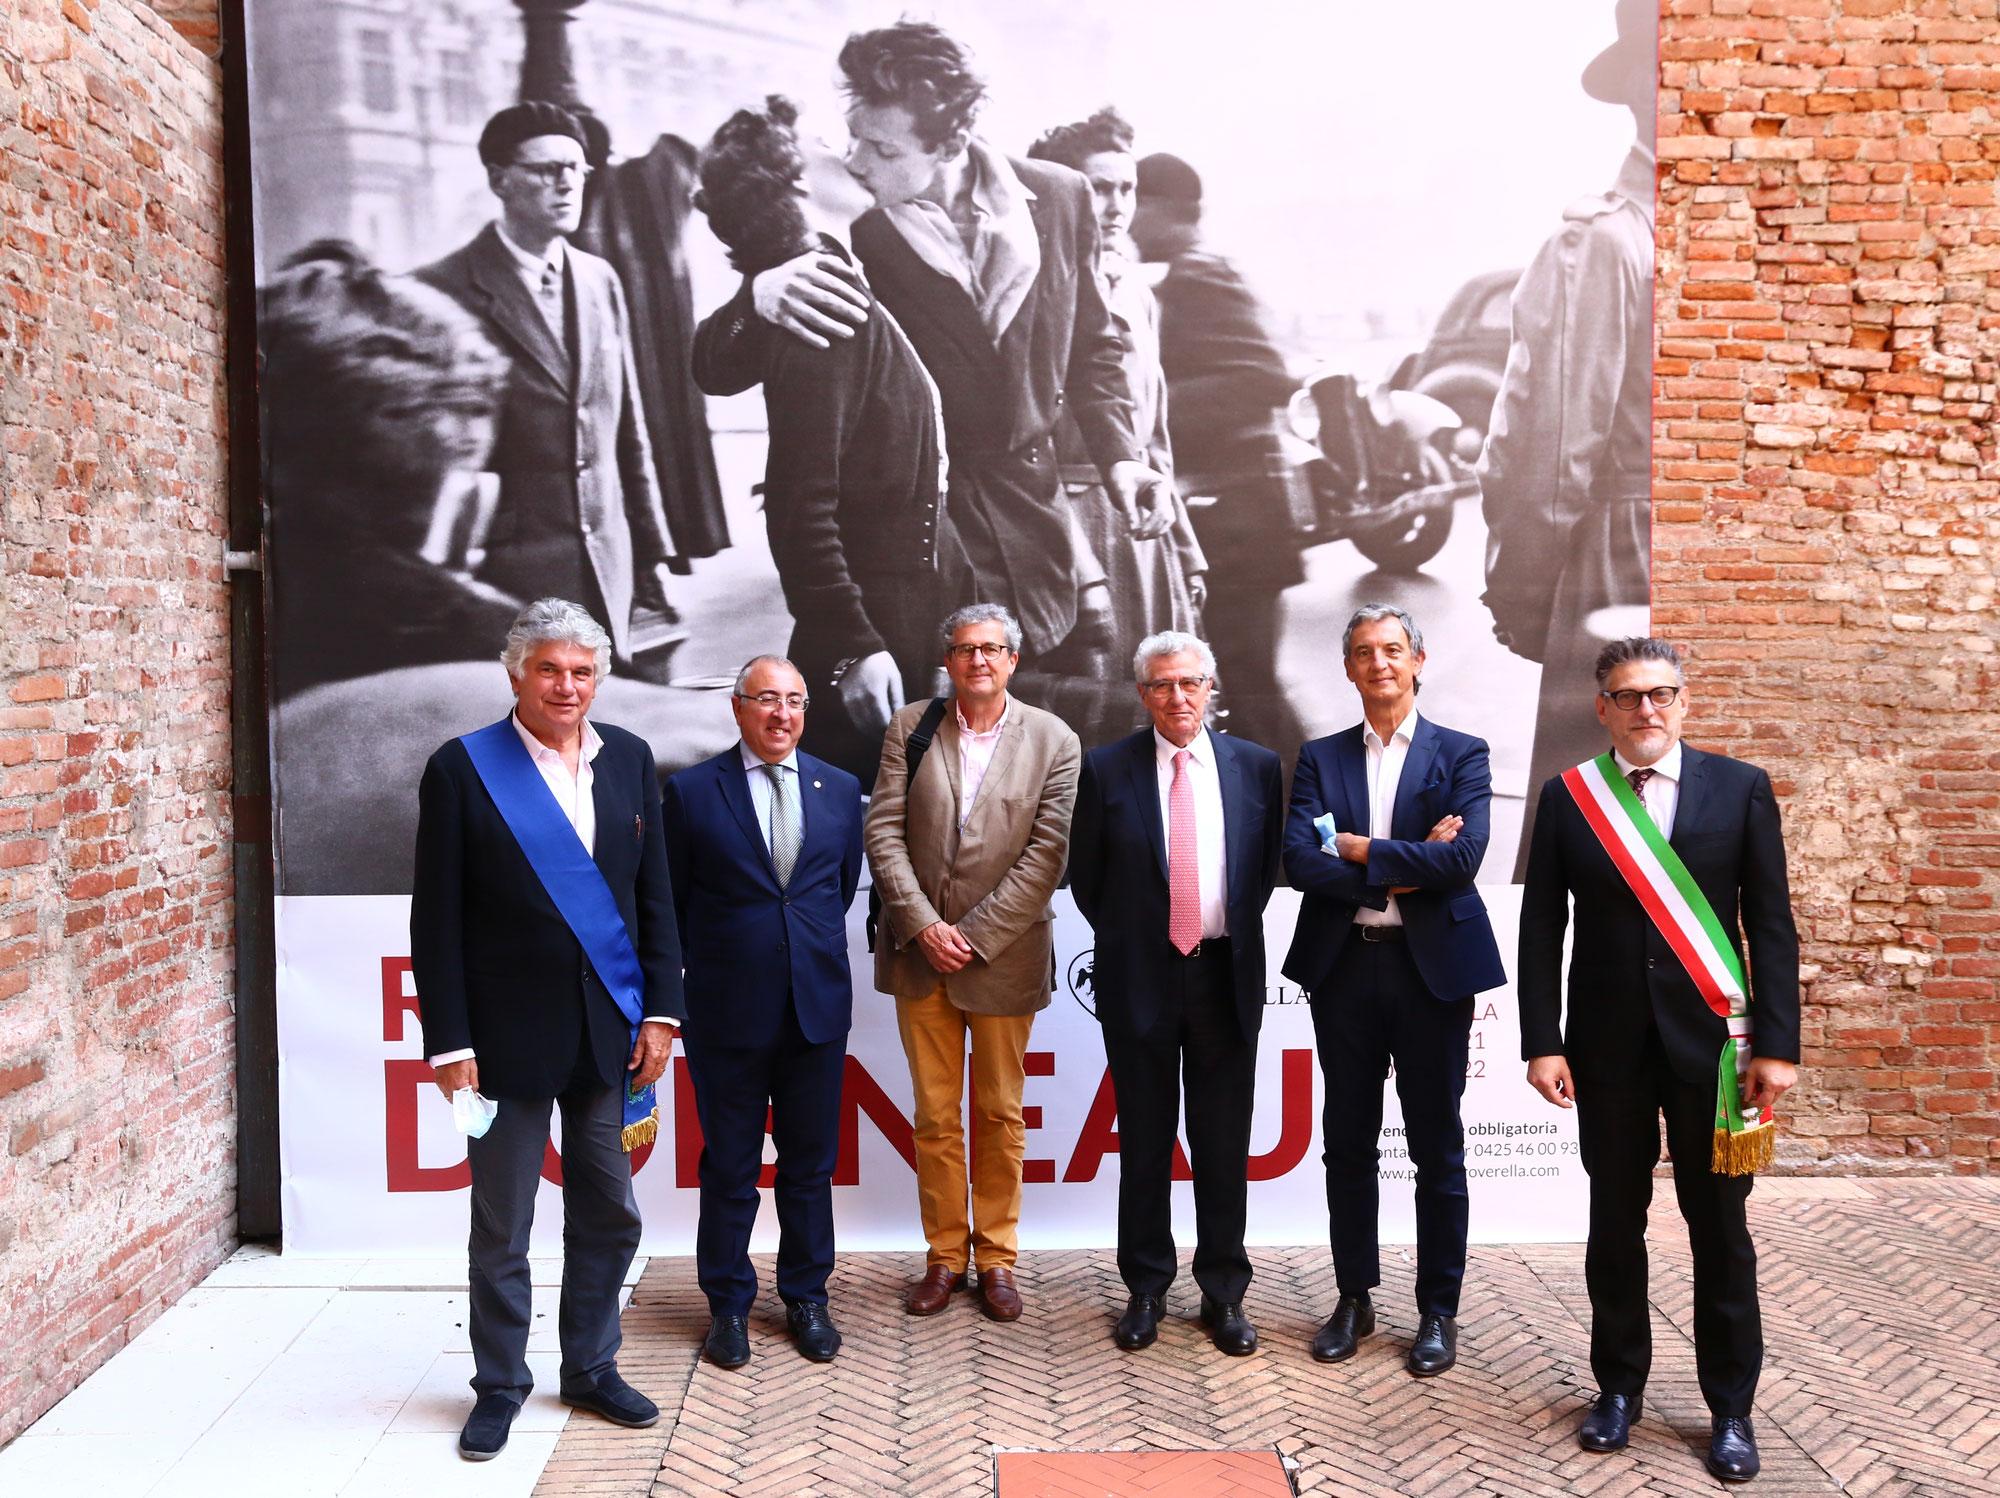 ROBERT DOISNEAU. Inaugurata la nuova esposizione a Palazzo Roverella